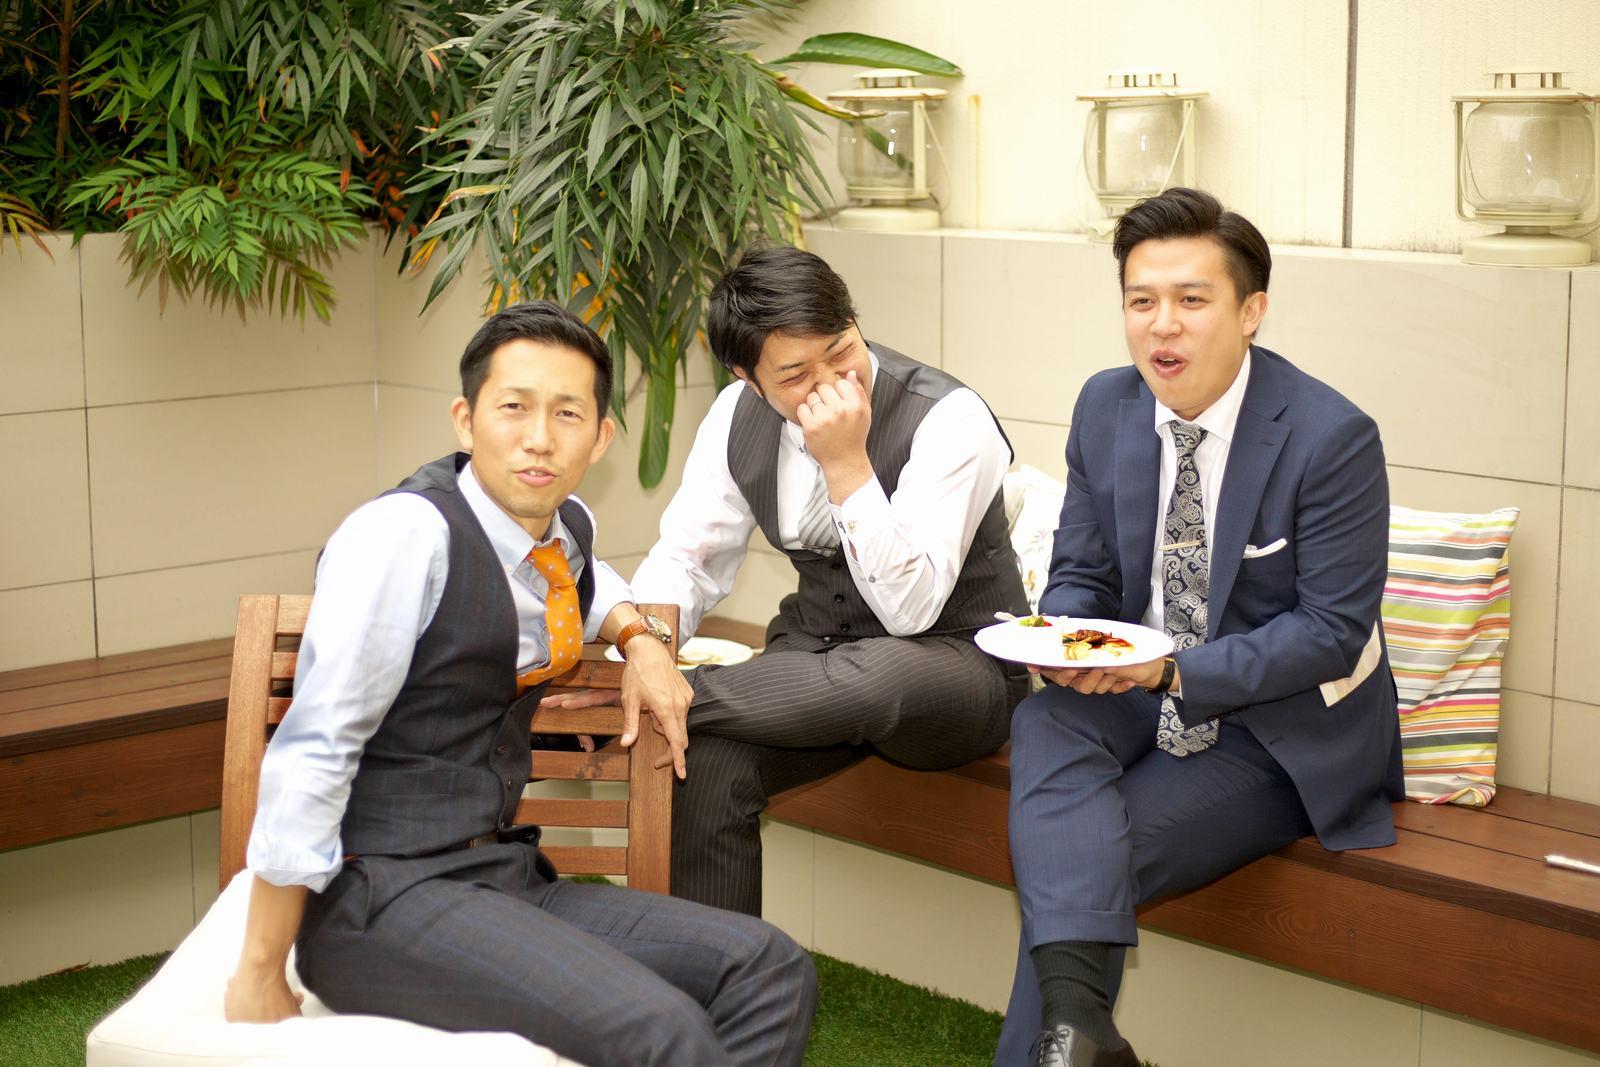 高松市の結婚式場アイルバレクラブのゲスト